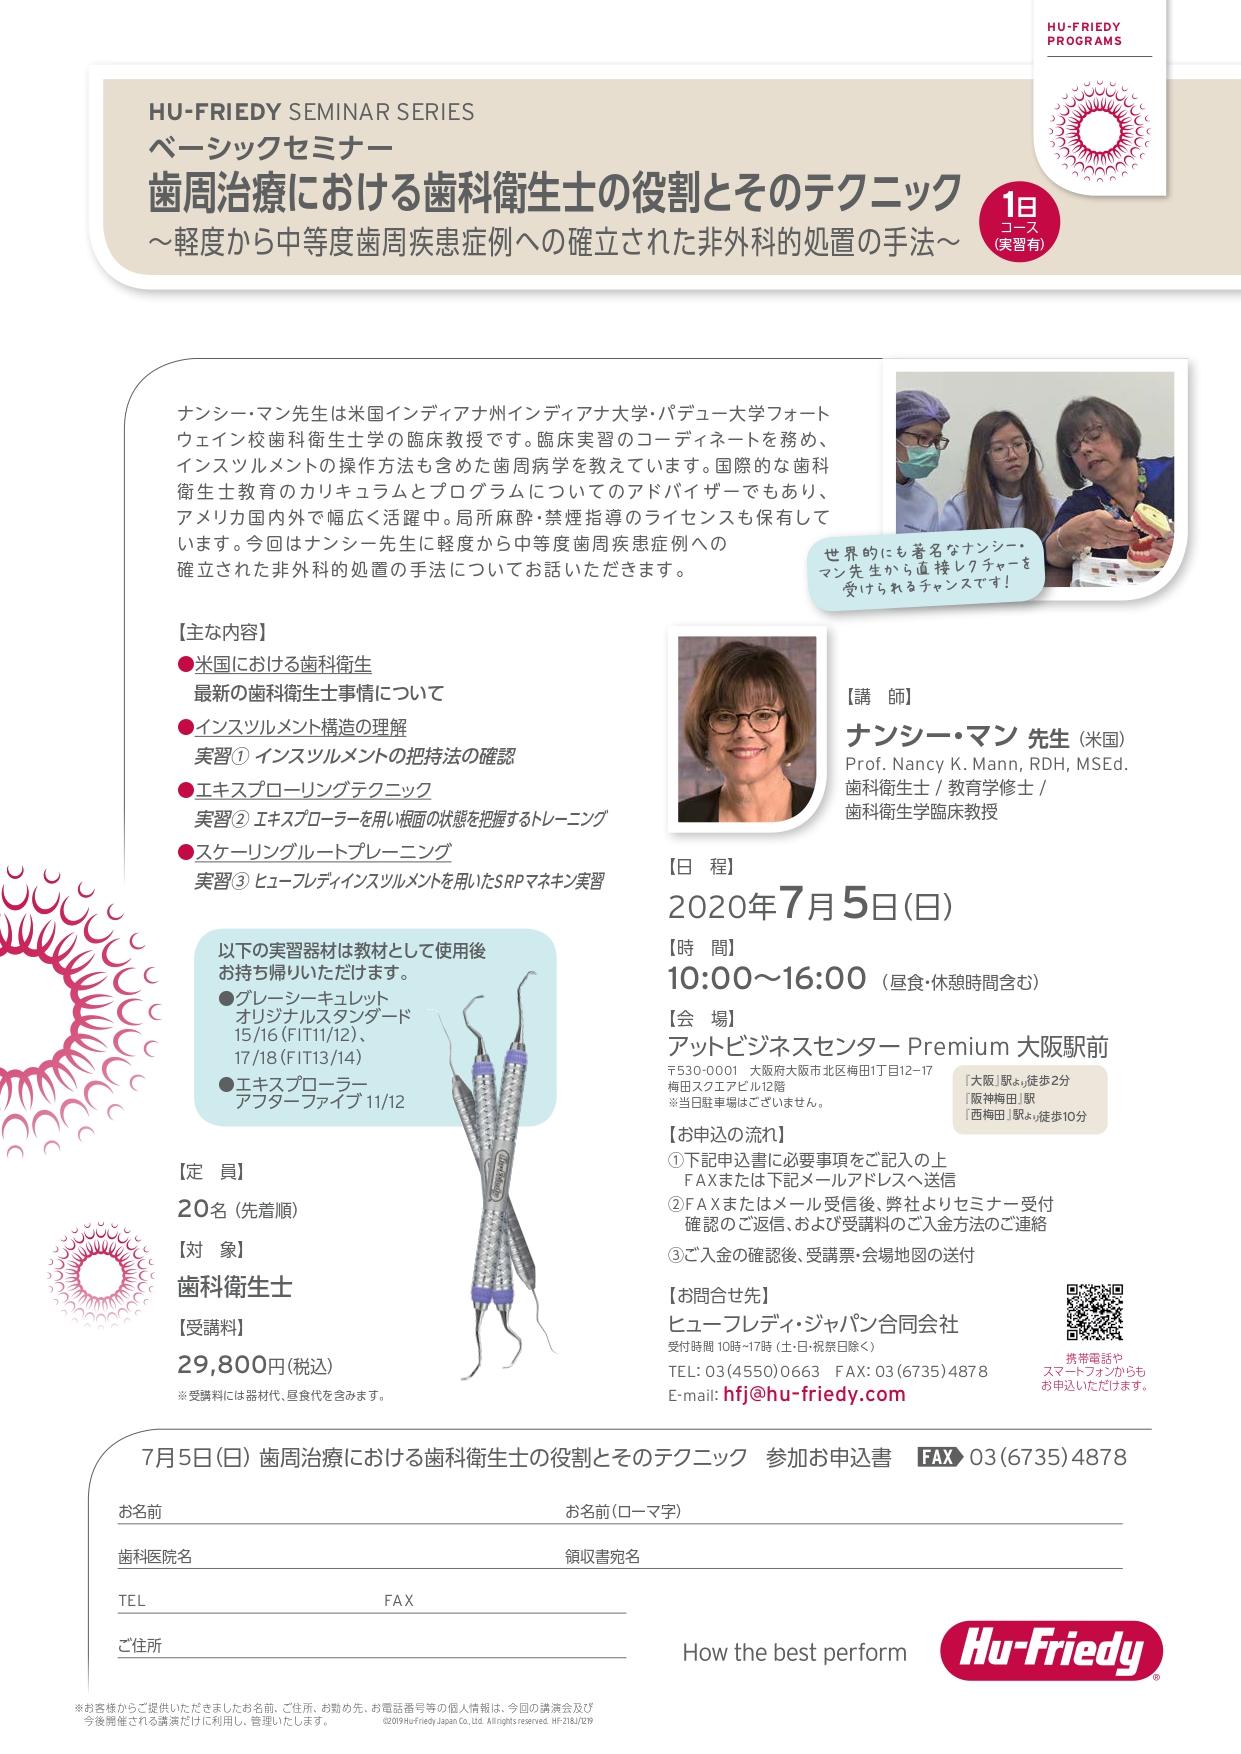 【ベーシックセミナー】歯周治療における歯科衛生士の役割とそのテクニック ~軽度から中等度歯周疾患症例への確立された非外科的処置の手法~